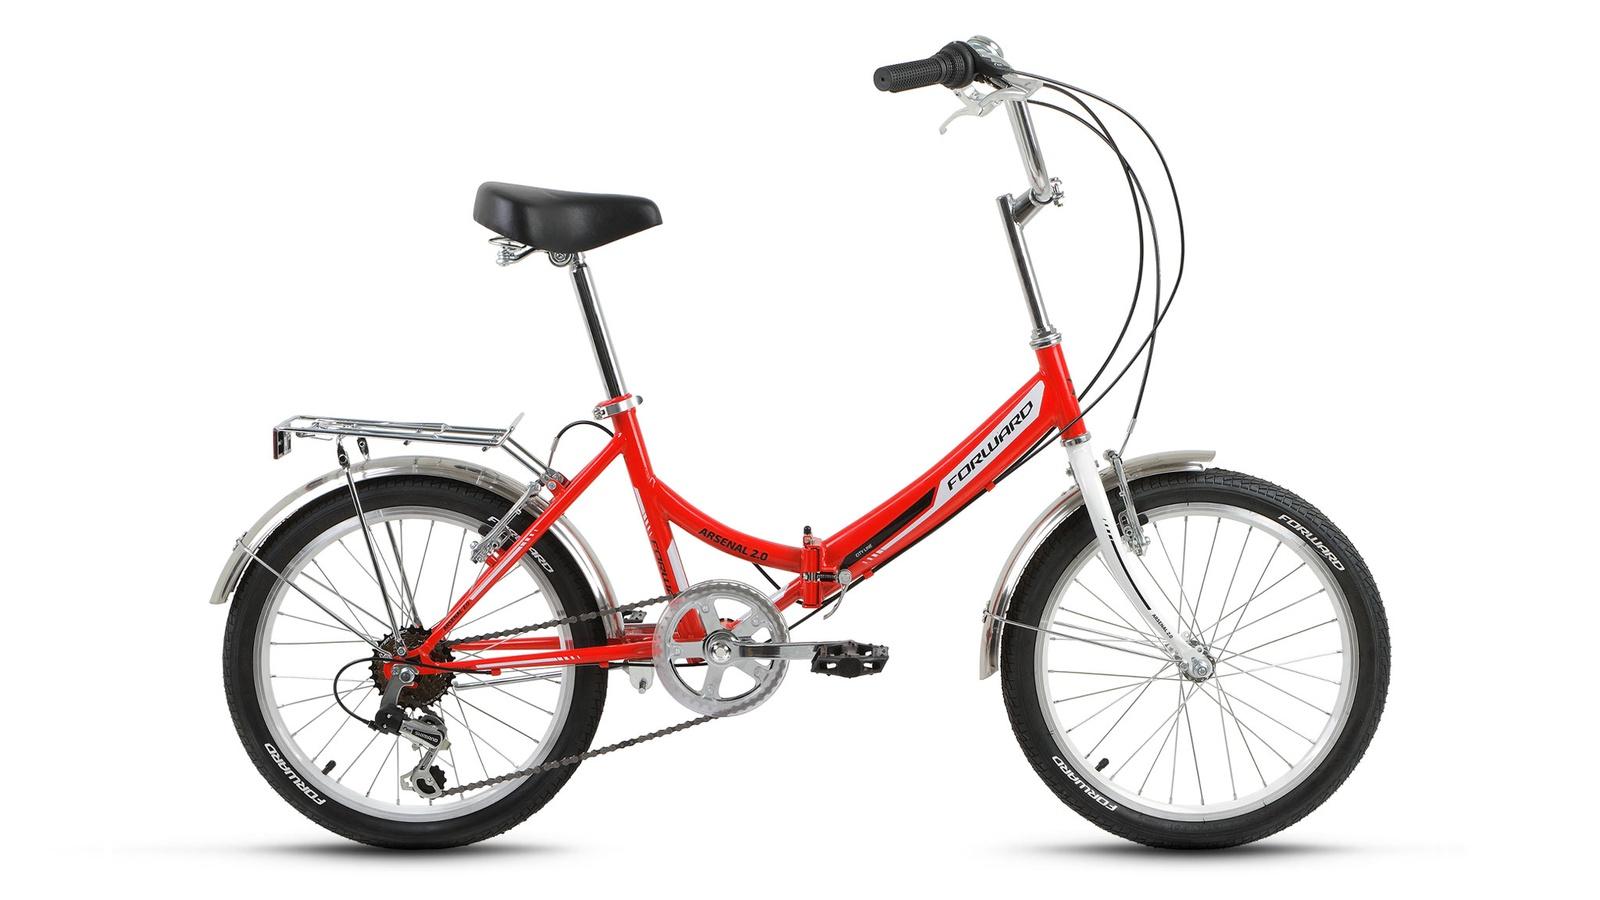 ARSENAL 20 2.0 2019 велосипед forward arsenal 2 0 красный ростовка 14